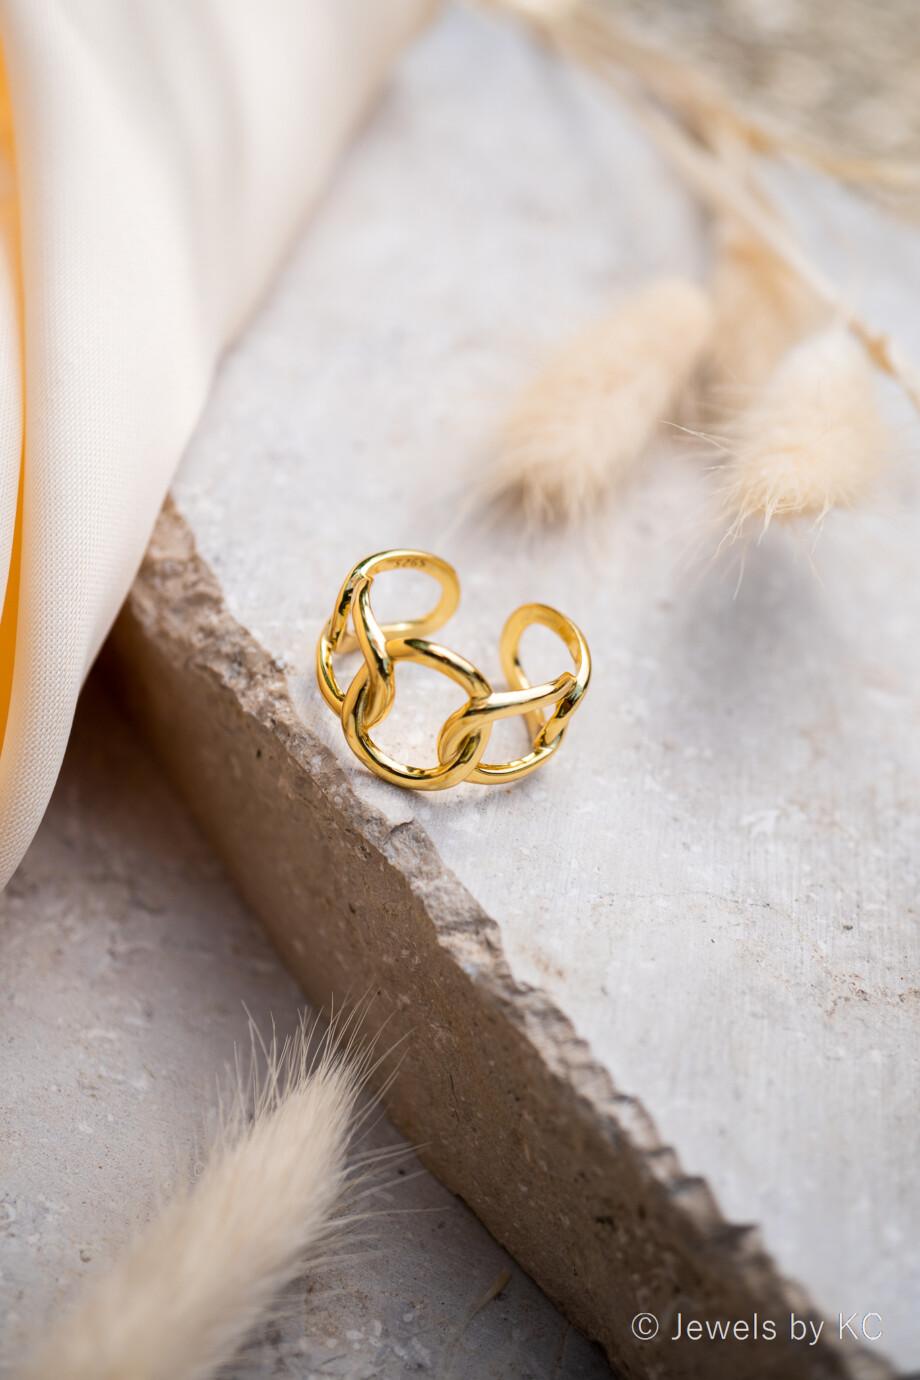 Gouden ring 'Hollow' van Goud op Zilver